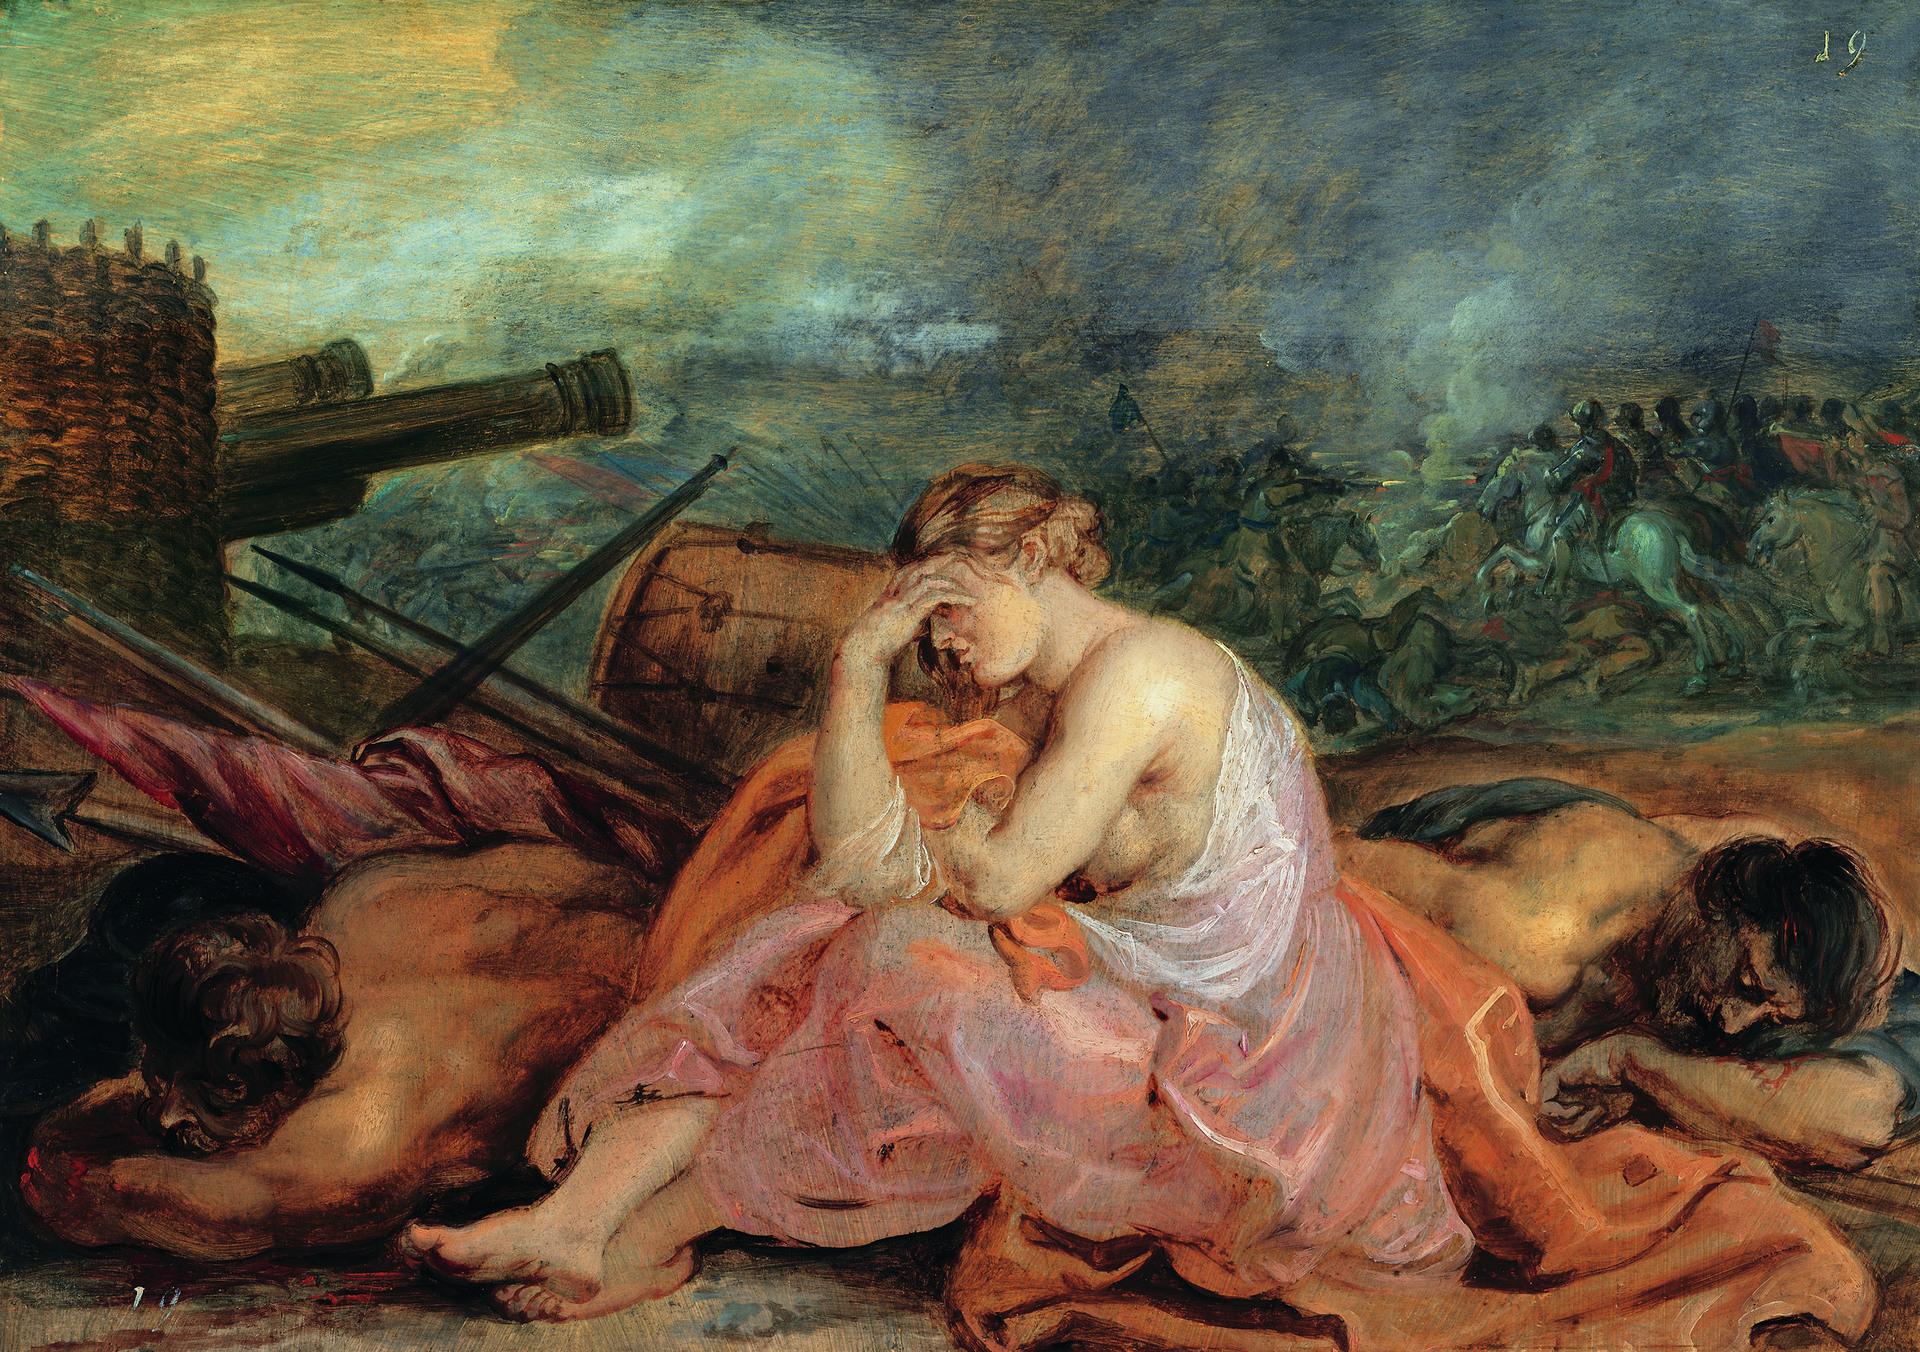 2_Rubens_Allegorie_auf_den_Krieg_1628.jpg